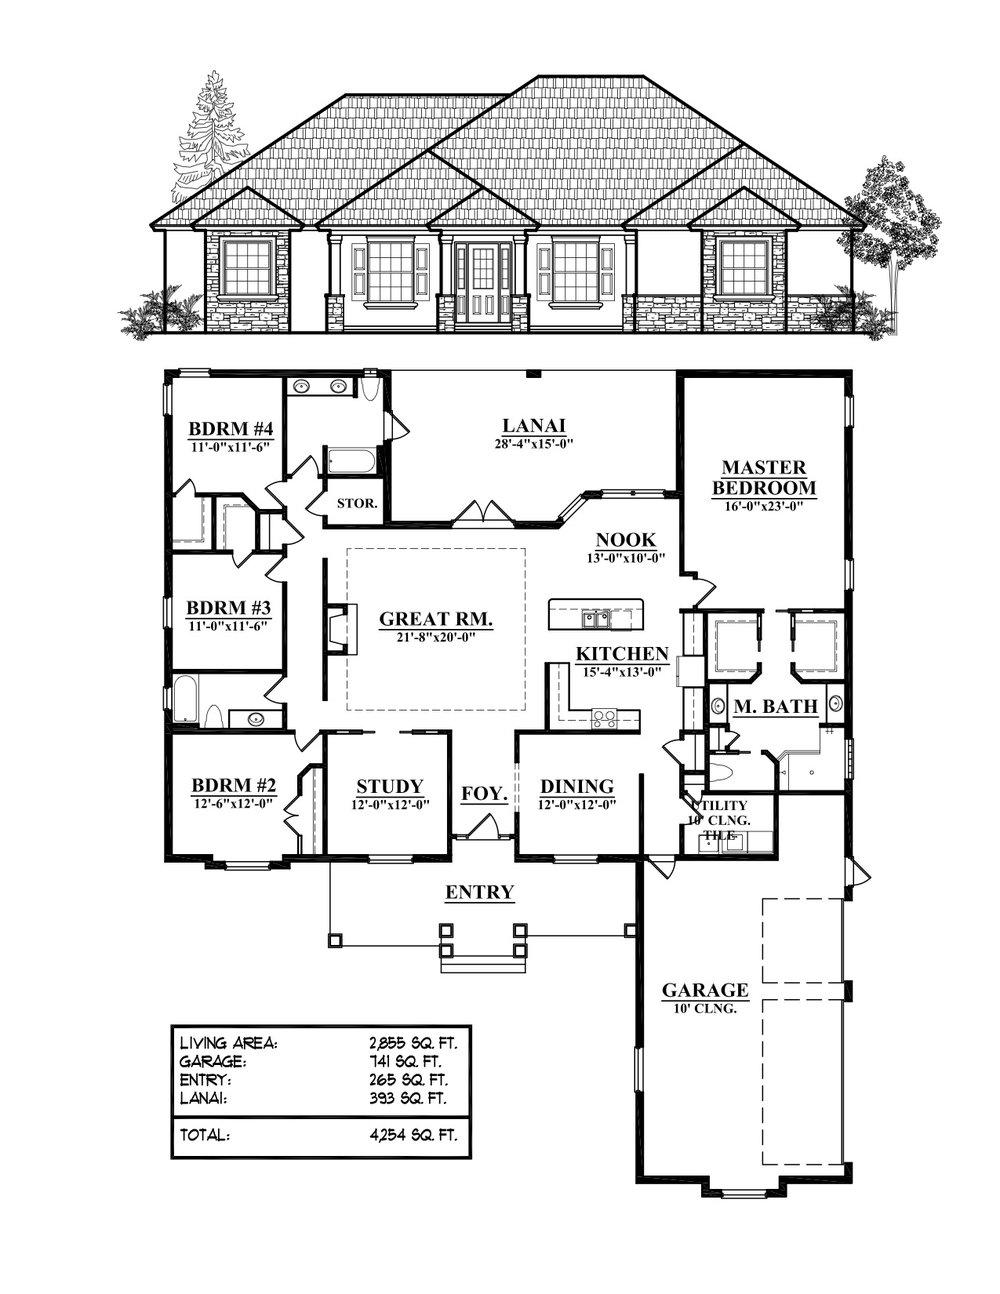 Ernie White Floor Plans_0010_DREAMWEAVER PROOF.jpg